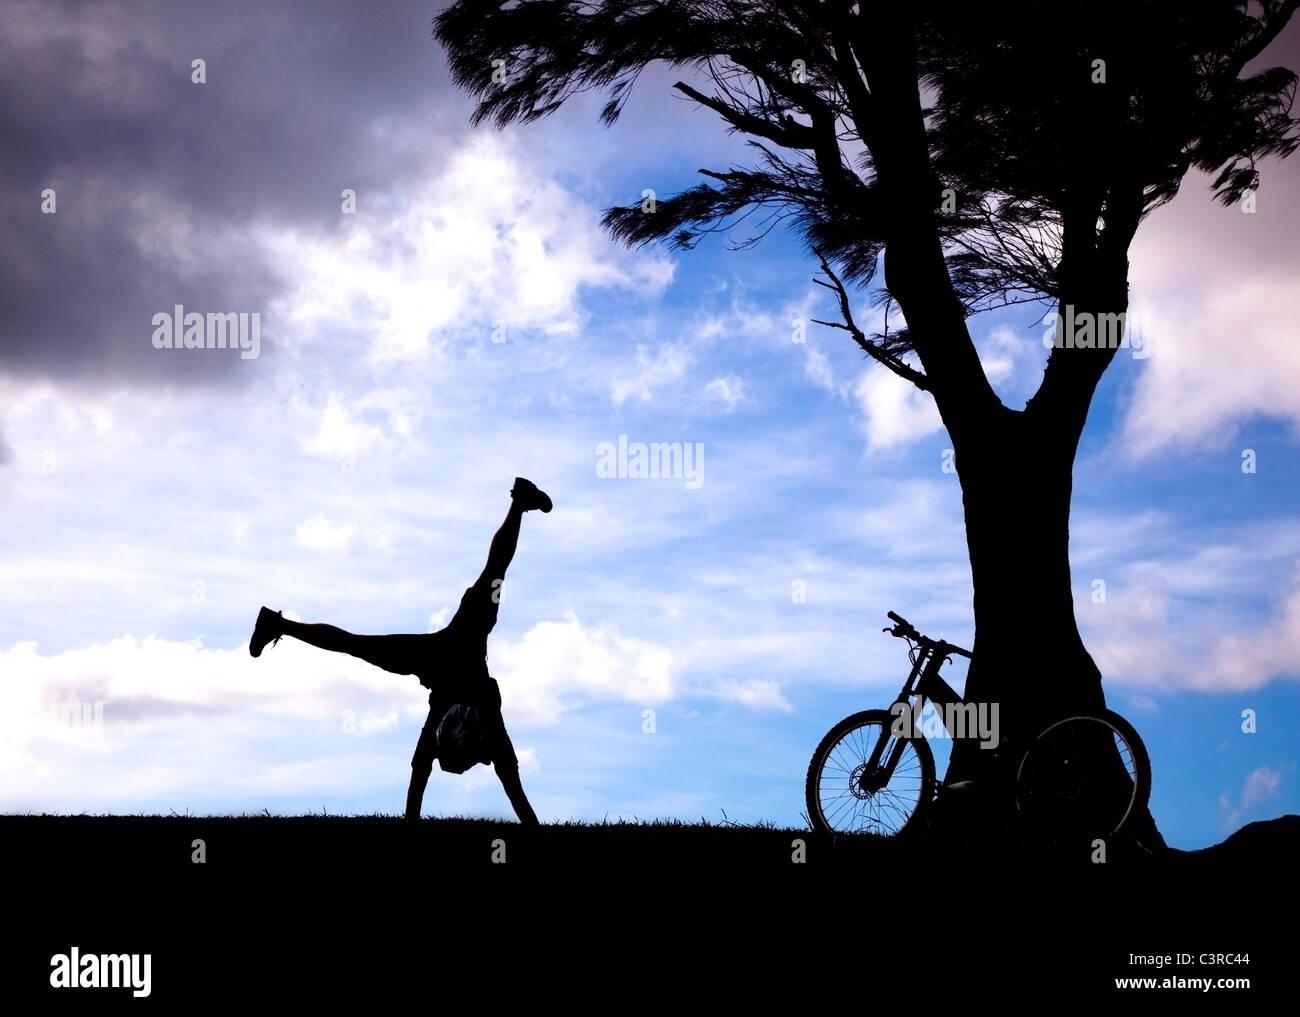 Die Silhouette der Mountainbiker mit Handstand auf dem Hügel Stockbild